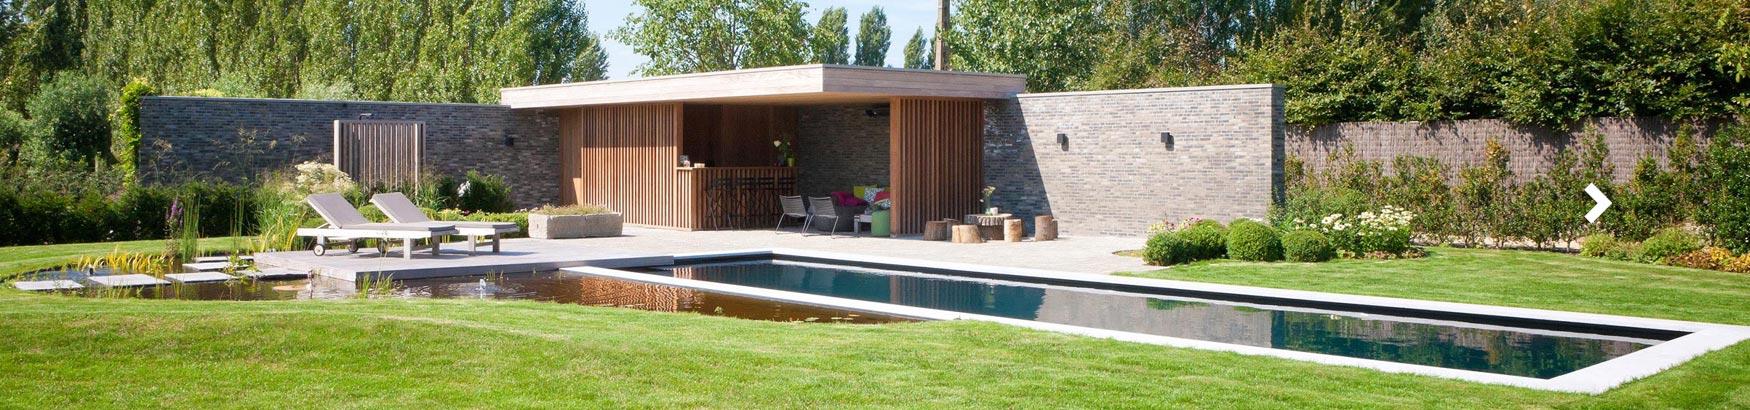 Zeer tuin met zwembad voorbeelden ow34 for Tuin met zwembad voorbeelden